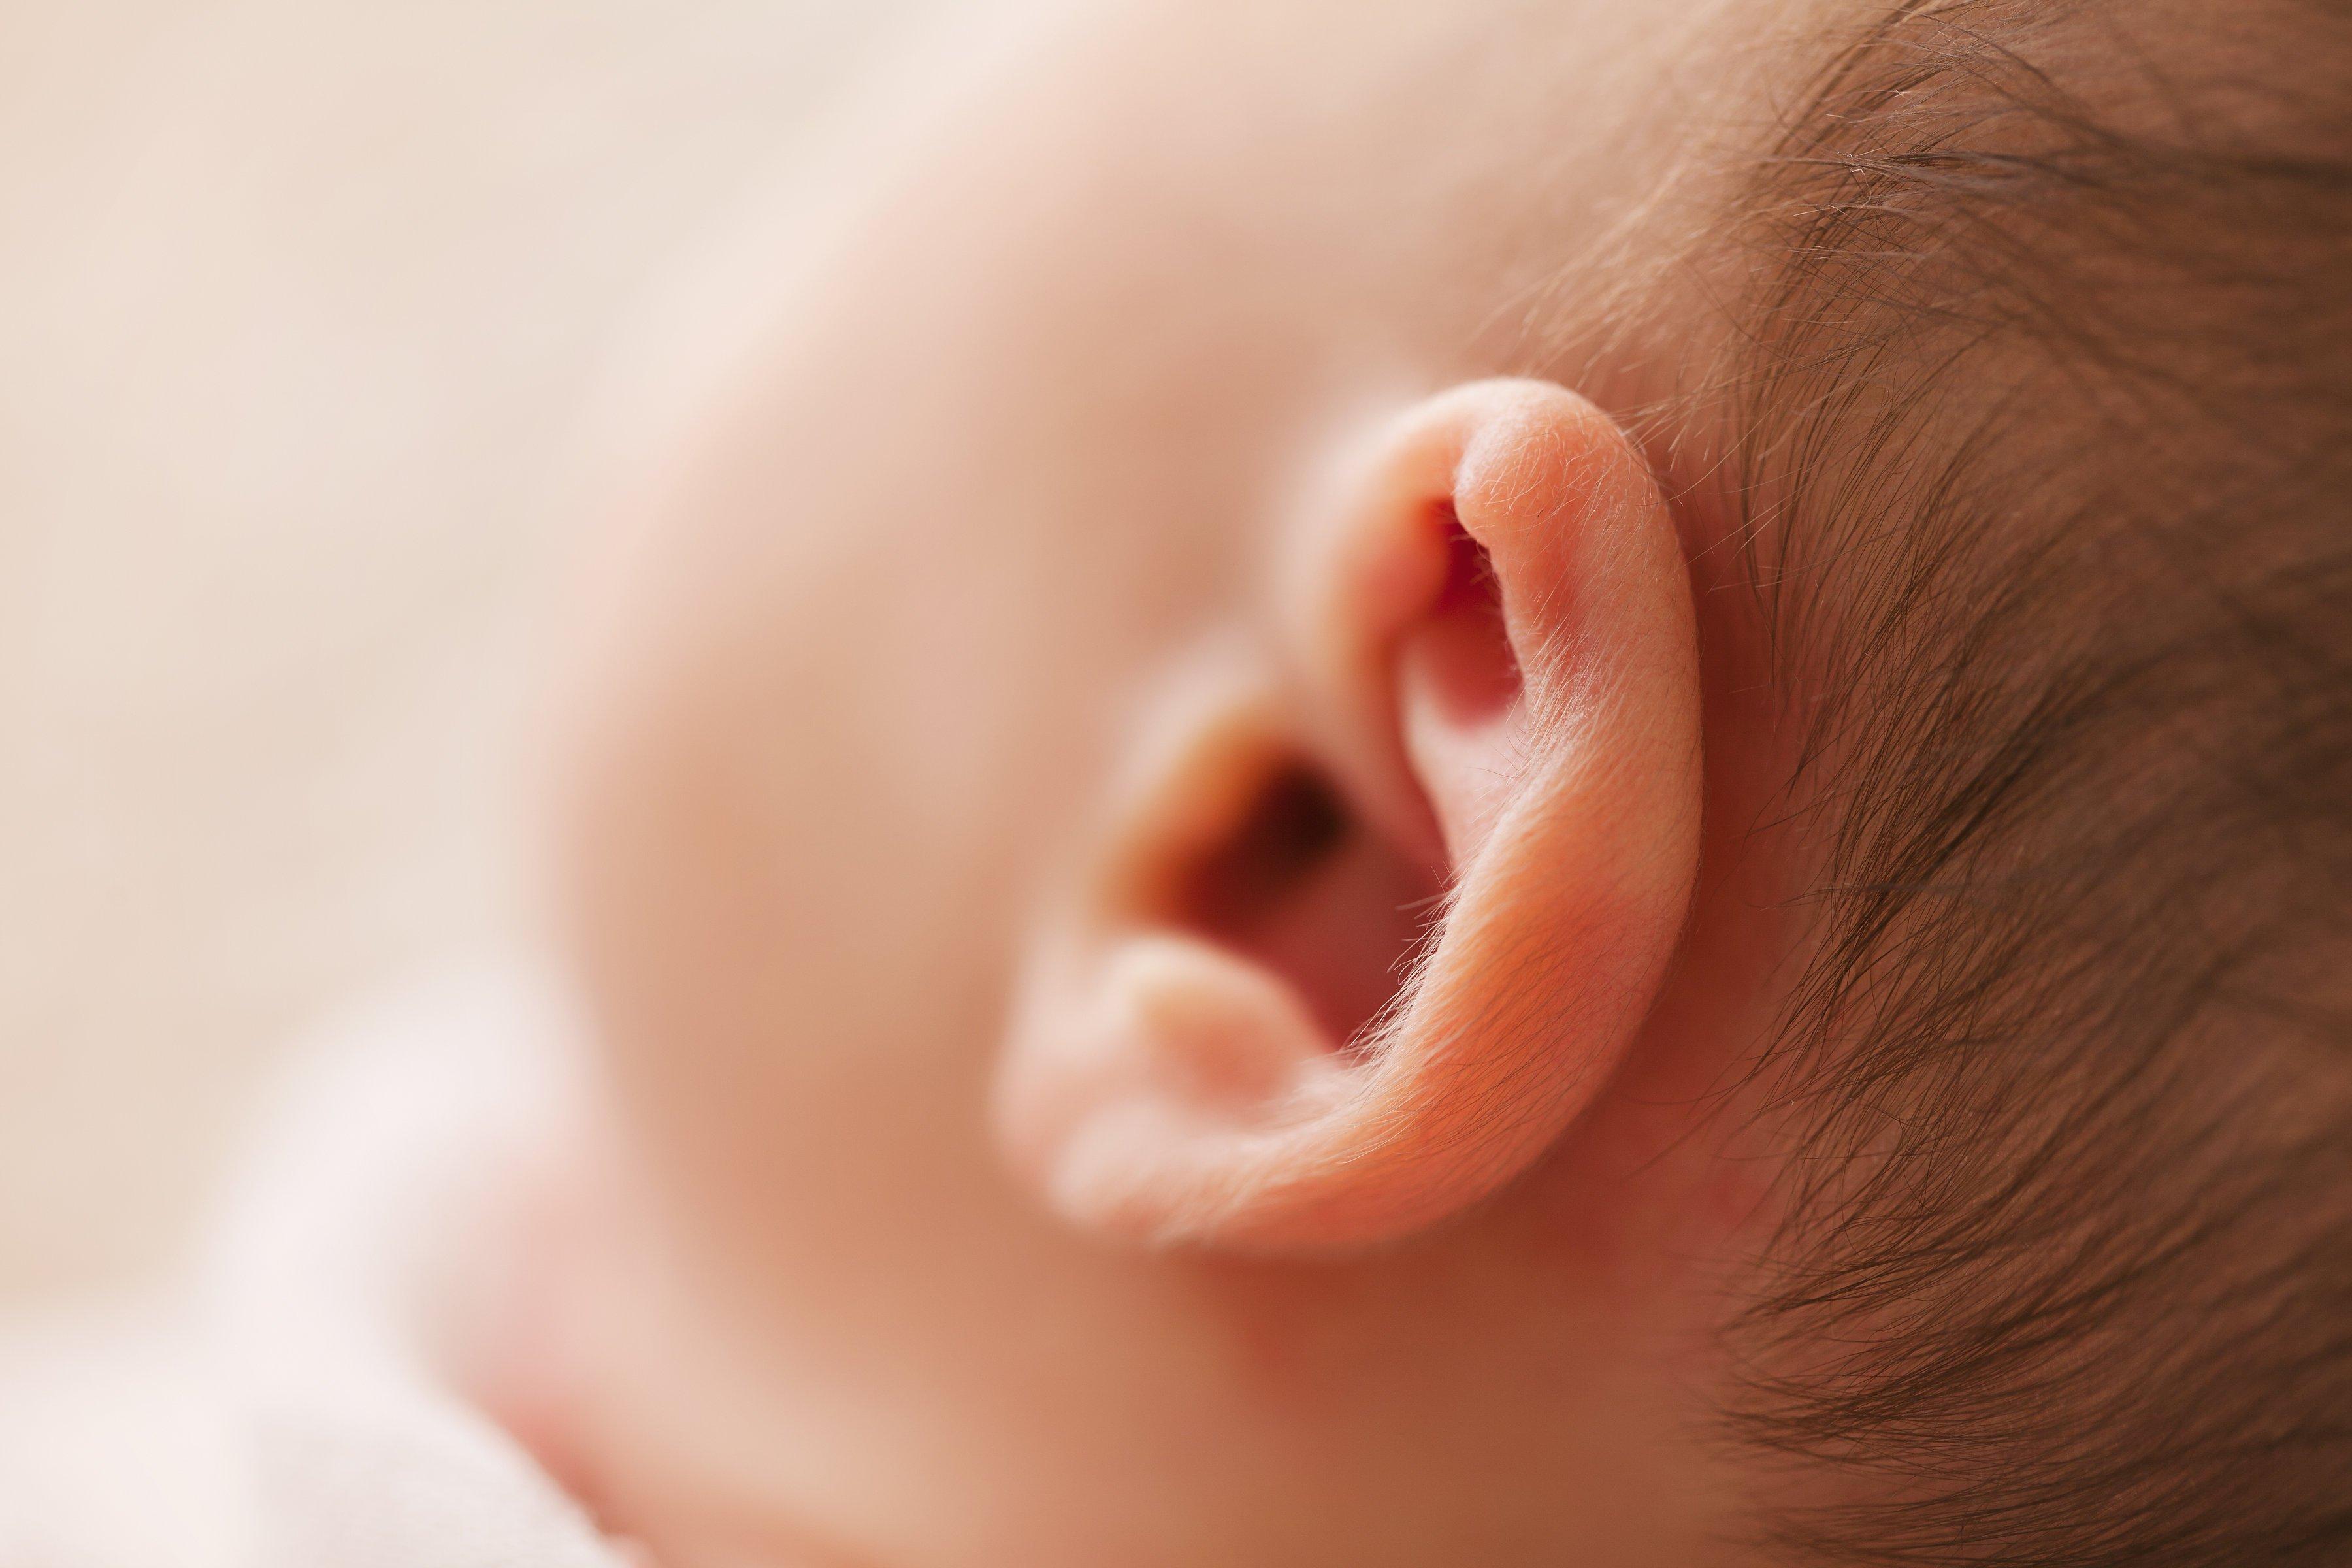 L'ostéopathie : un allié contre les otites chez l'enfant et le bébé